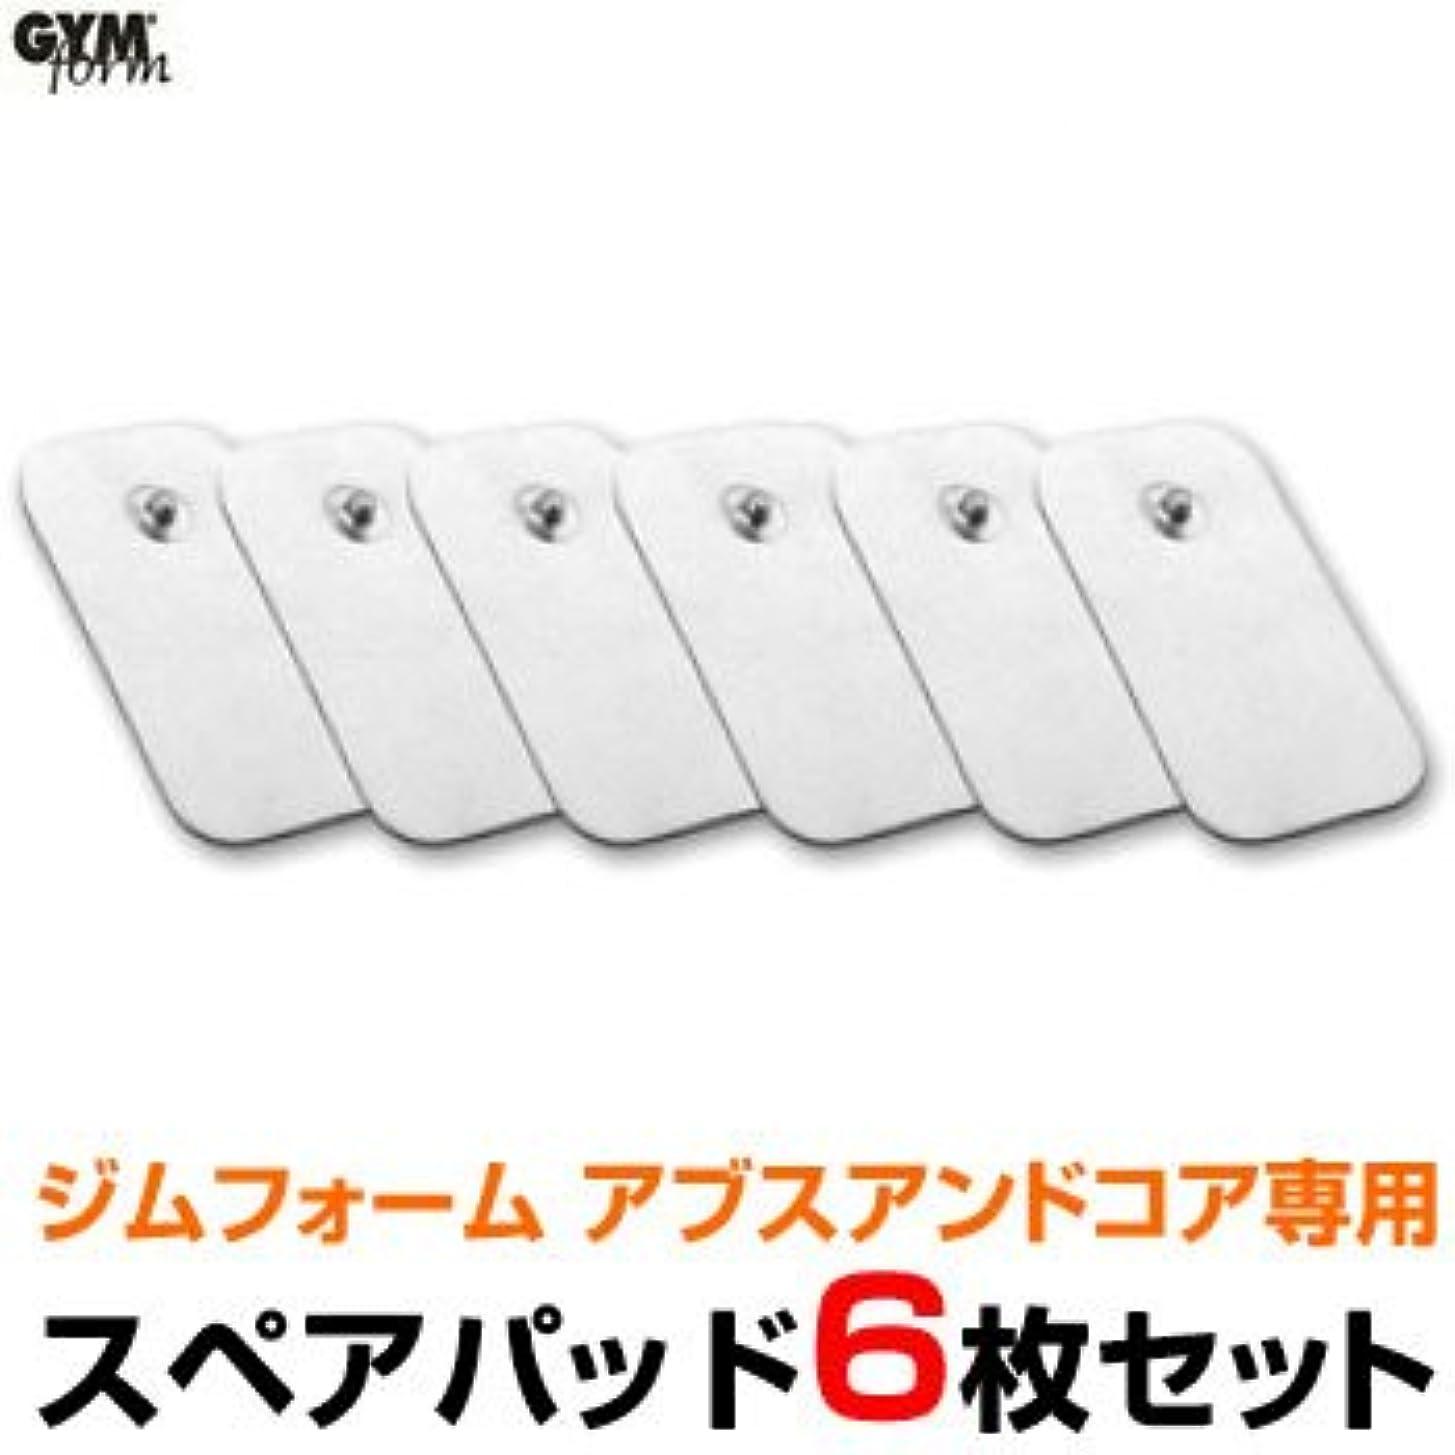 バー不規則性大理石ジムフォーム アブス&コア専用スペアパッド(GYMform ABS&CORE)6枚セット